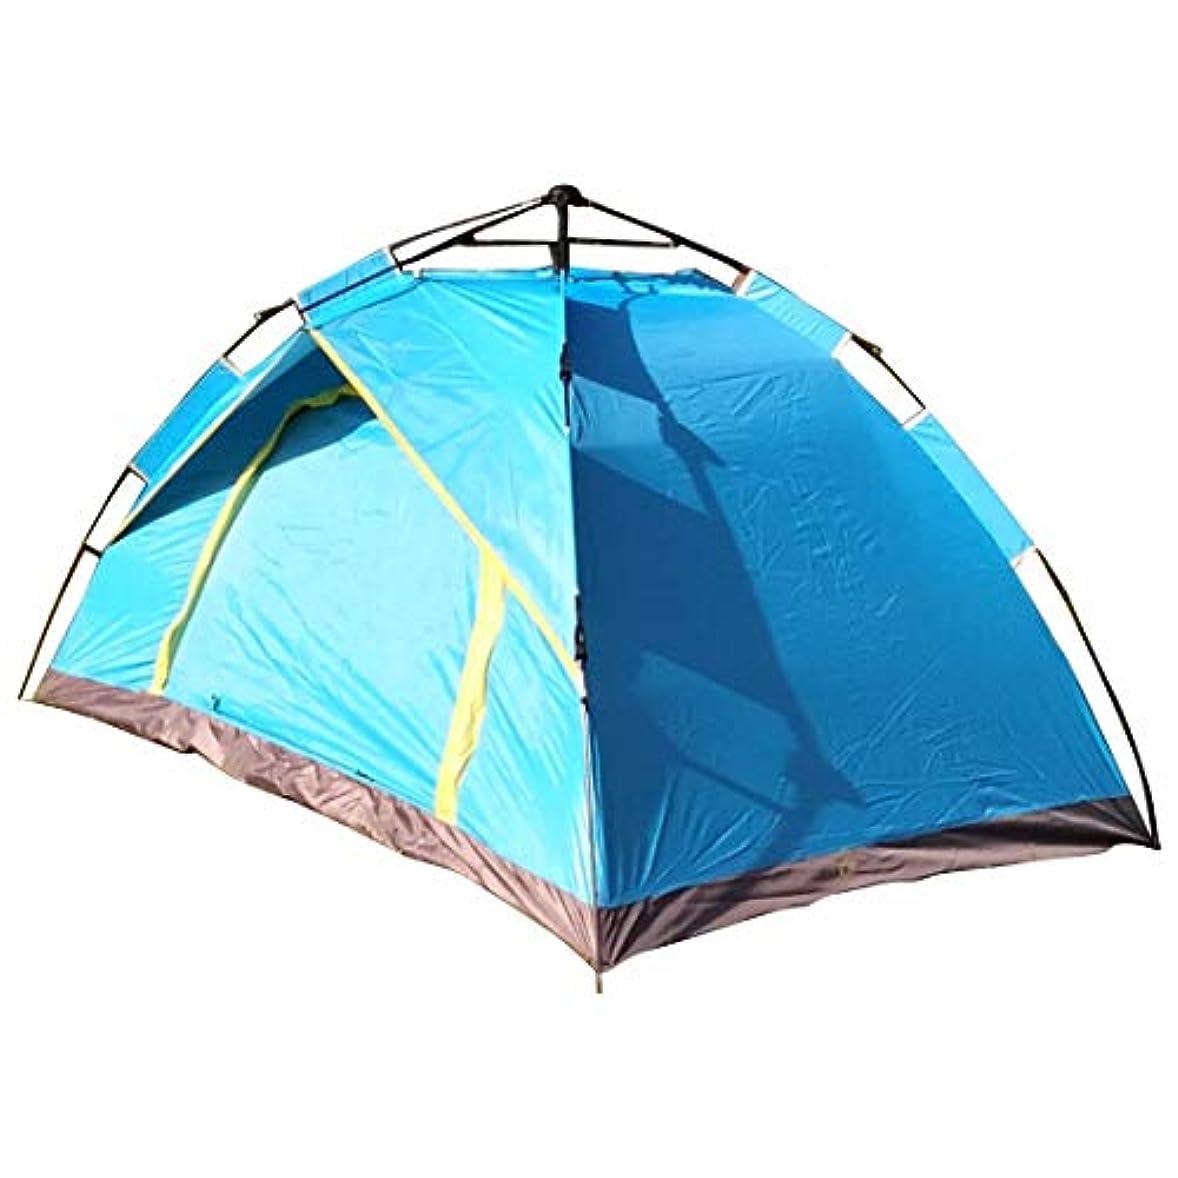 飾る透過性待つ屋外のキャンプのためのMHKBD-JP 2人のテント キャンプテント (色 : 青)